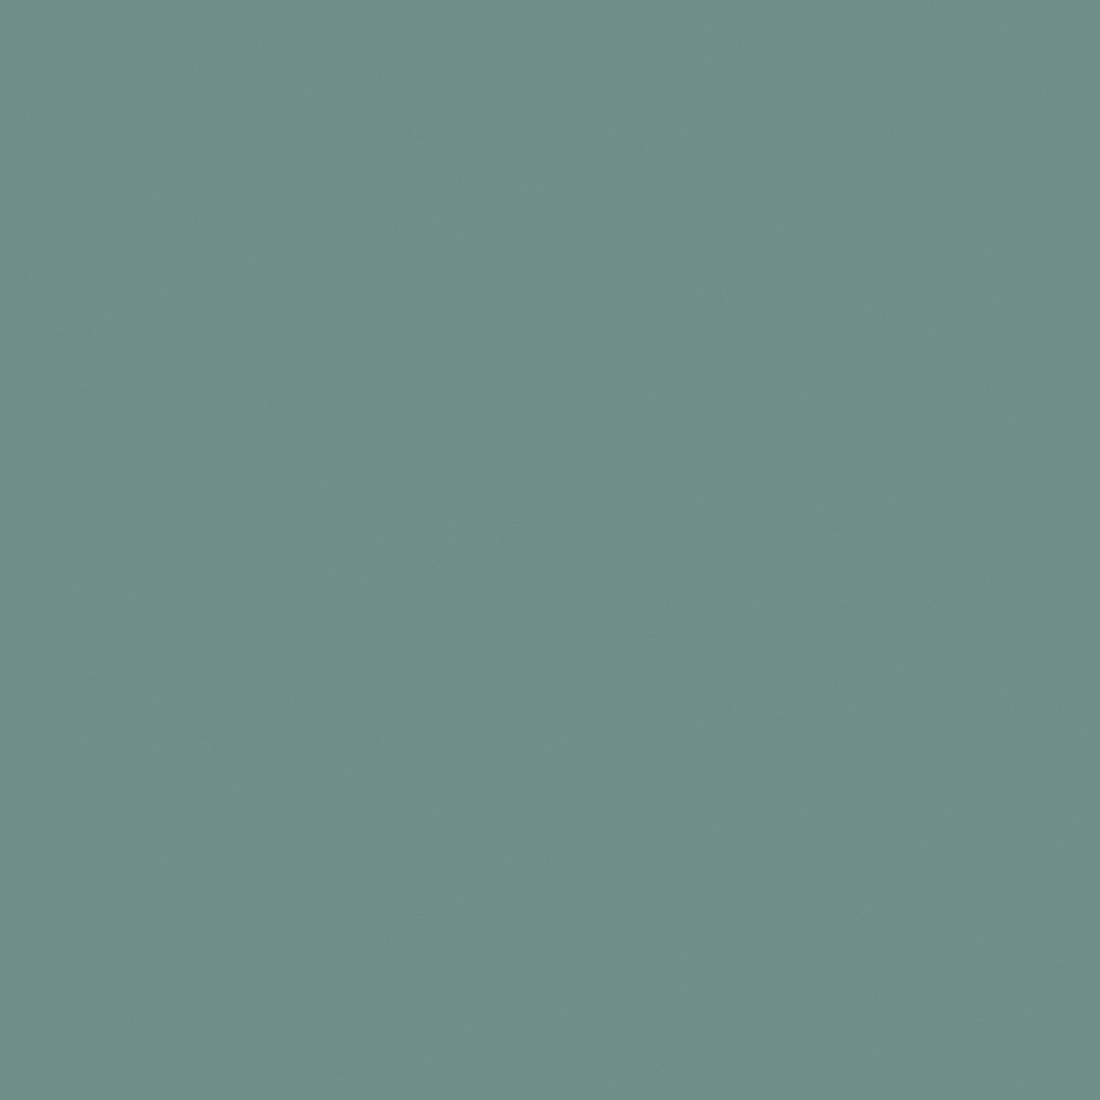 Сумеречный Голубой